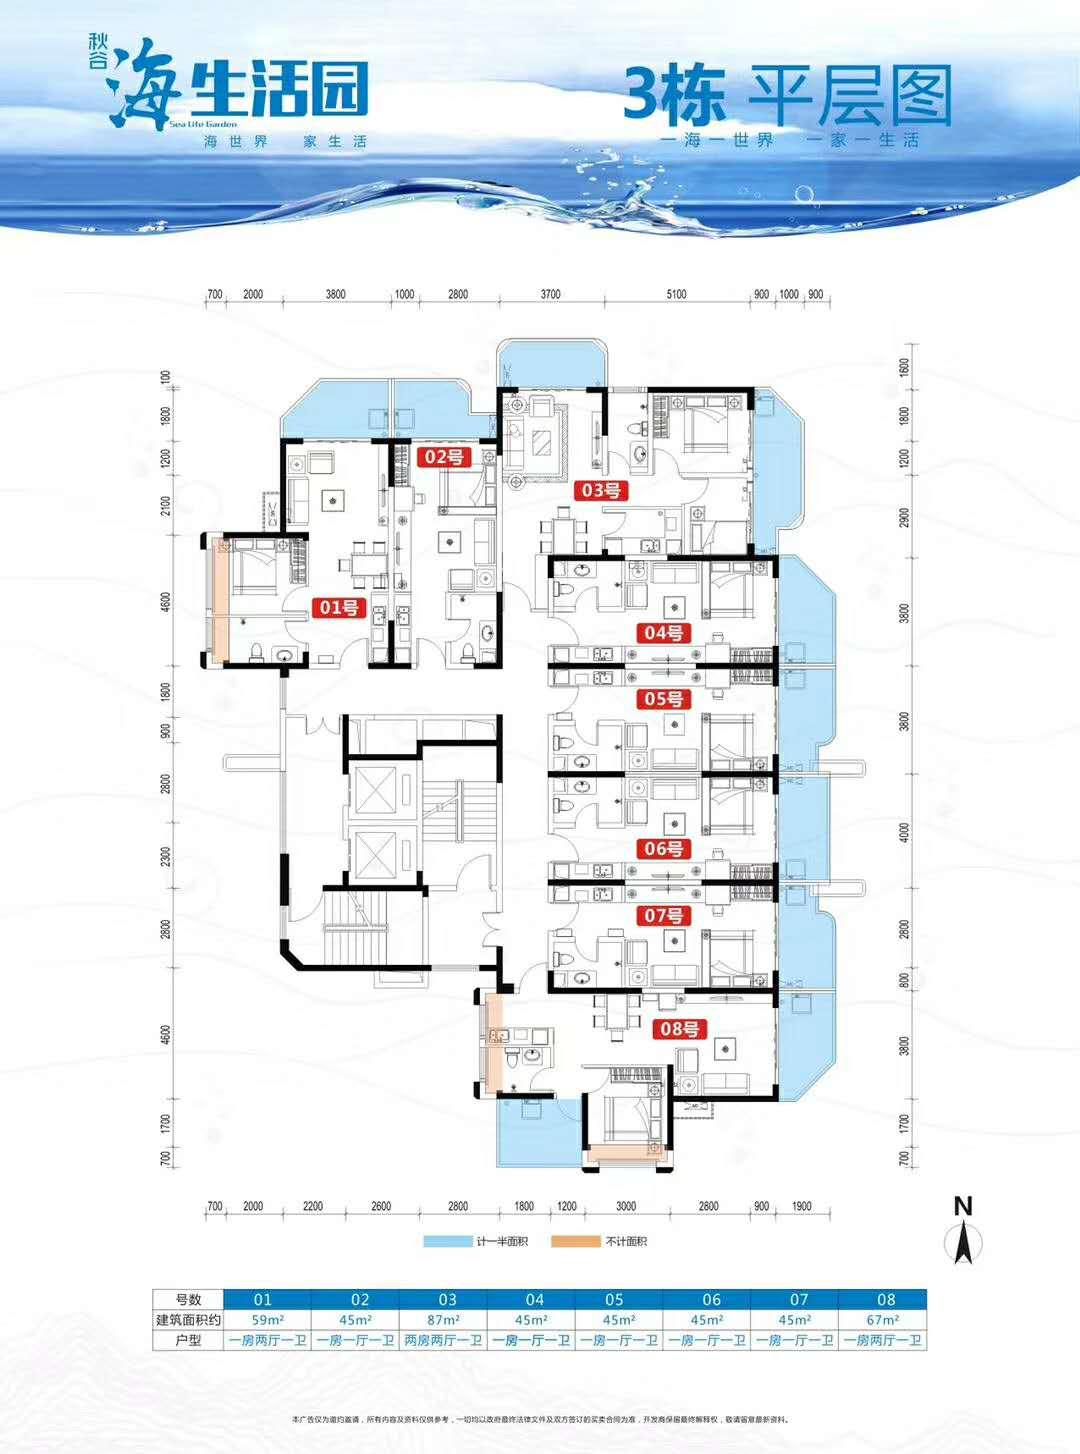 秋谷海生活园户型图